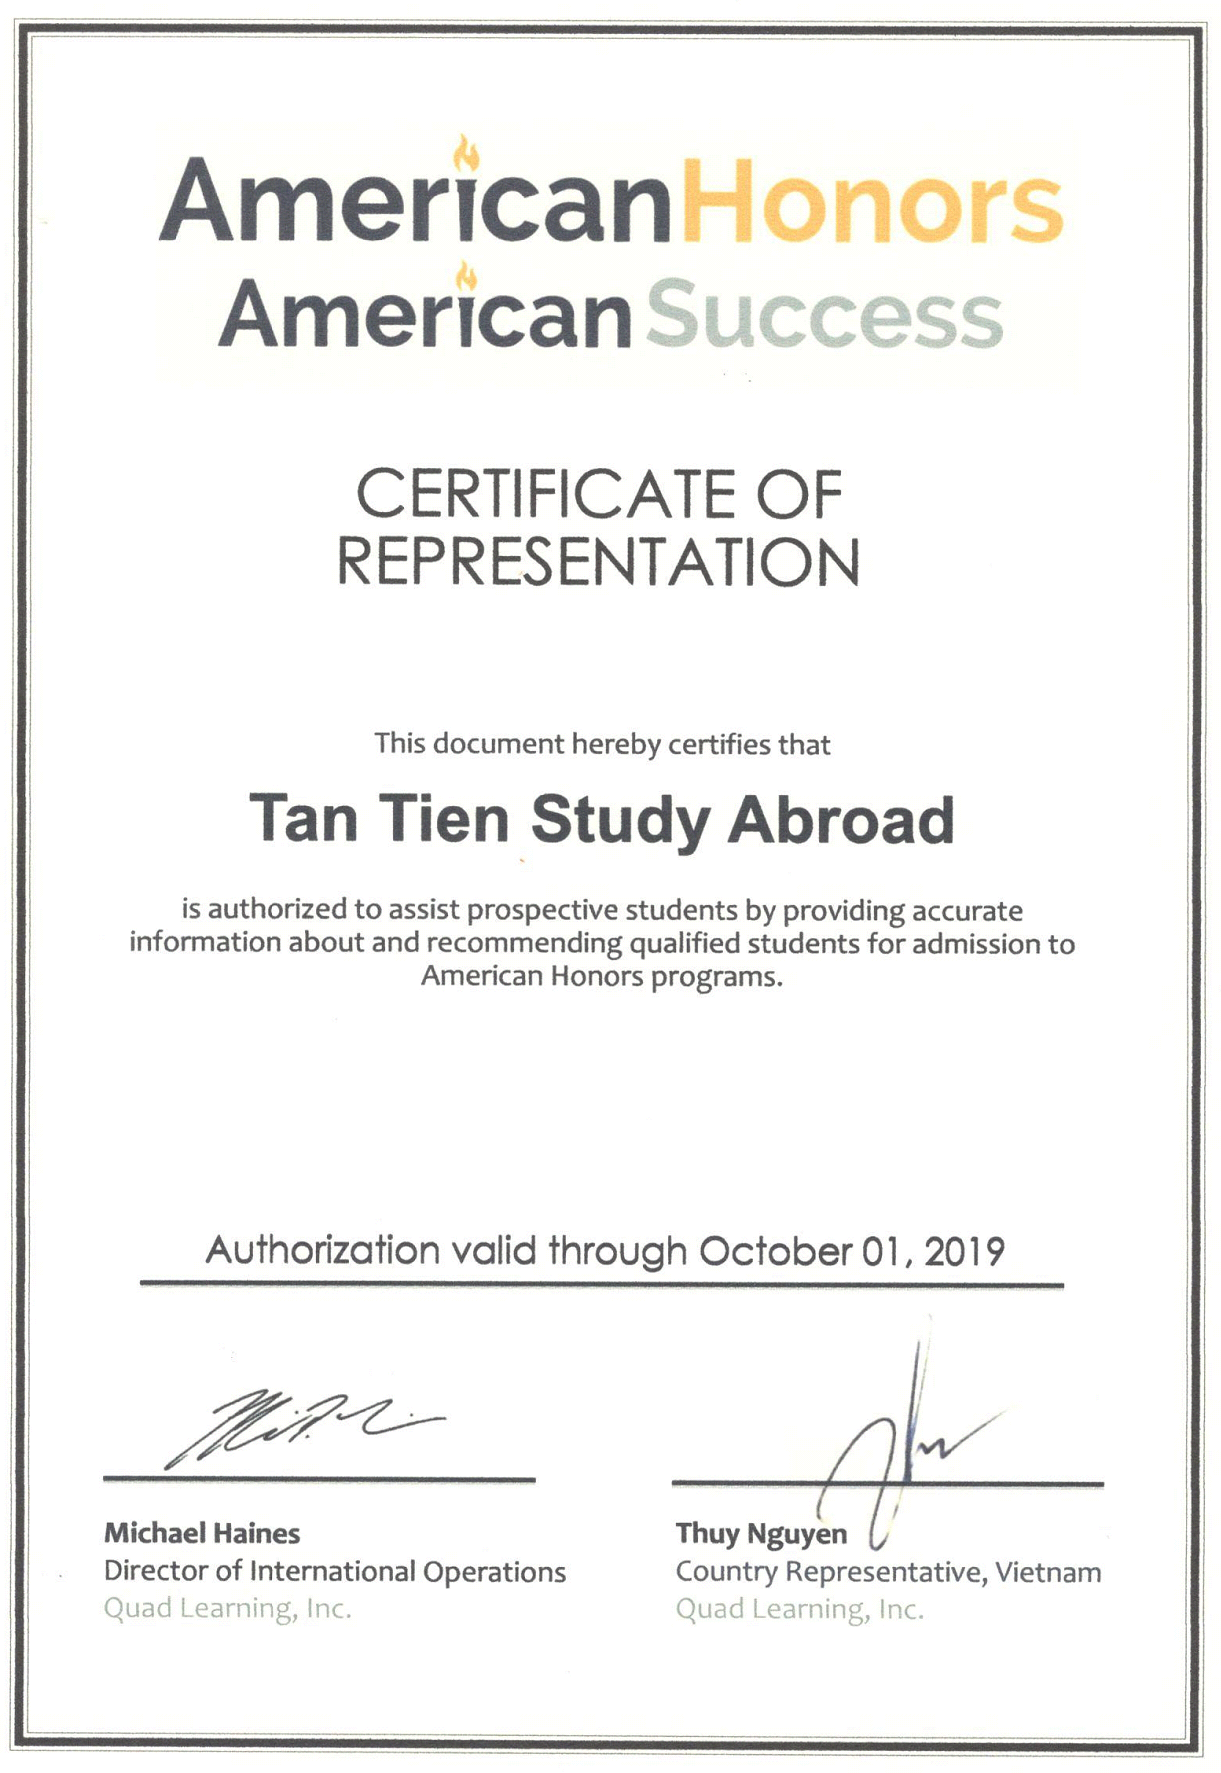 Chứng nhận công ty tuyển sinh du học uy tín - AmericanHonors